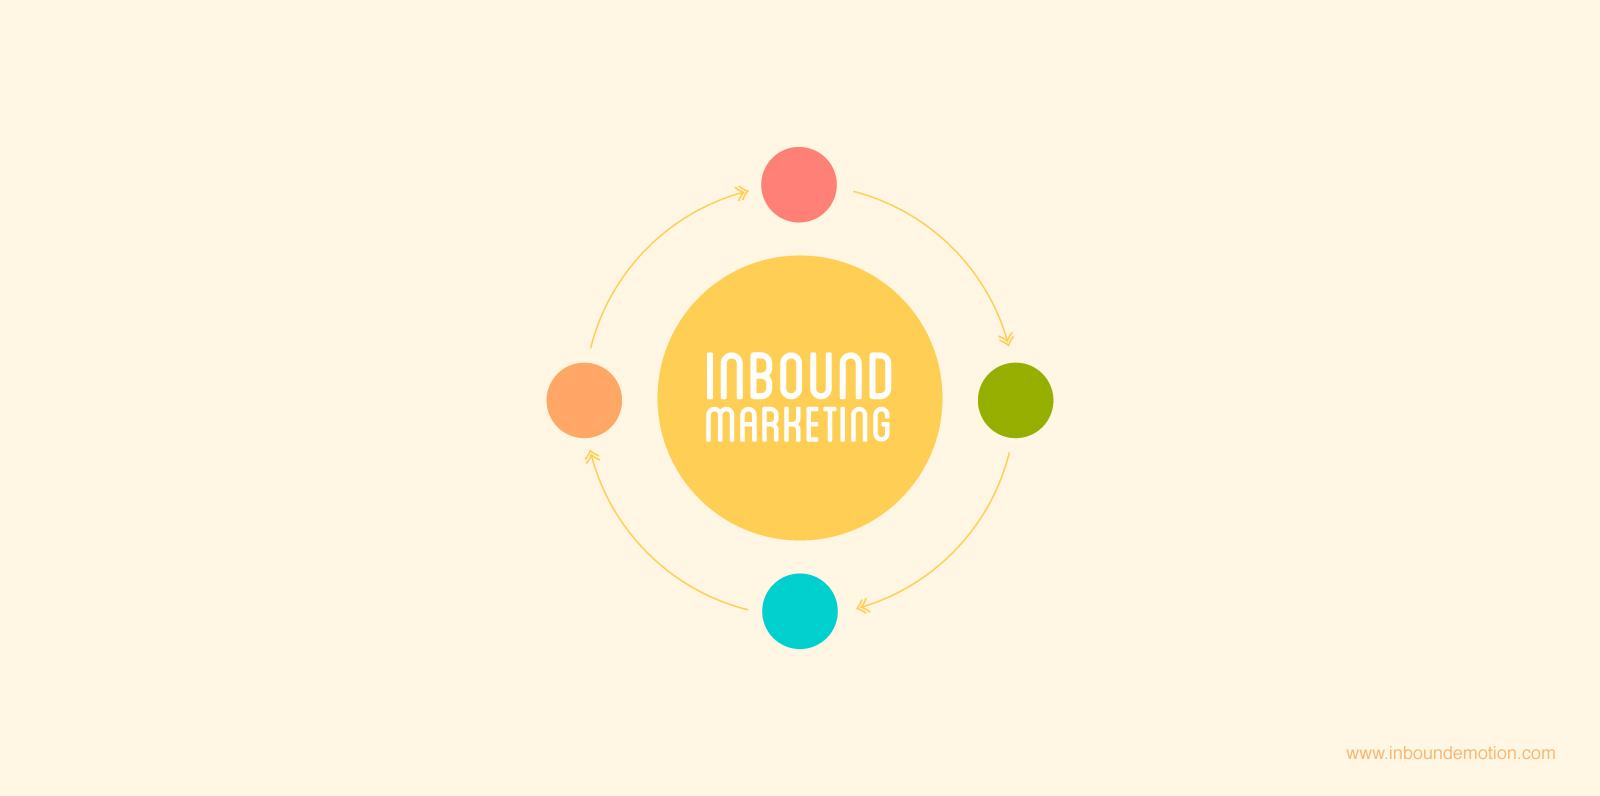 4_pasos_estrategia_inbound